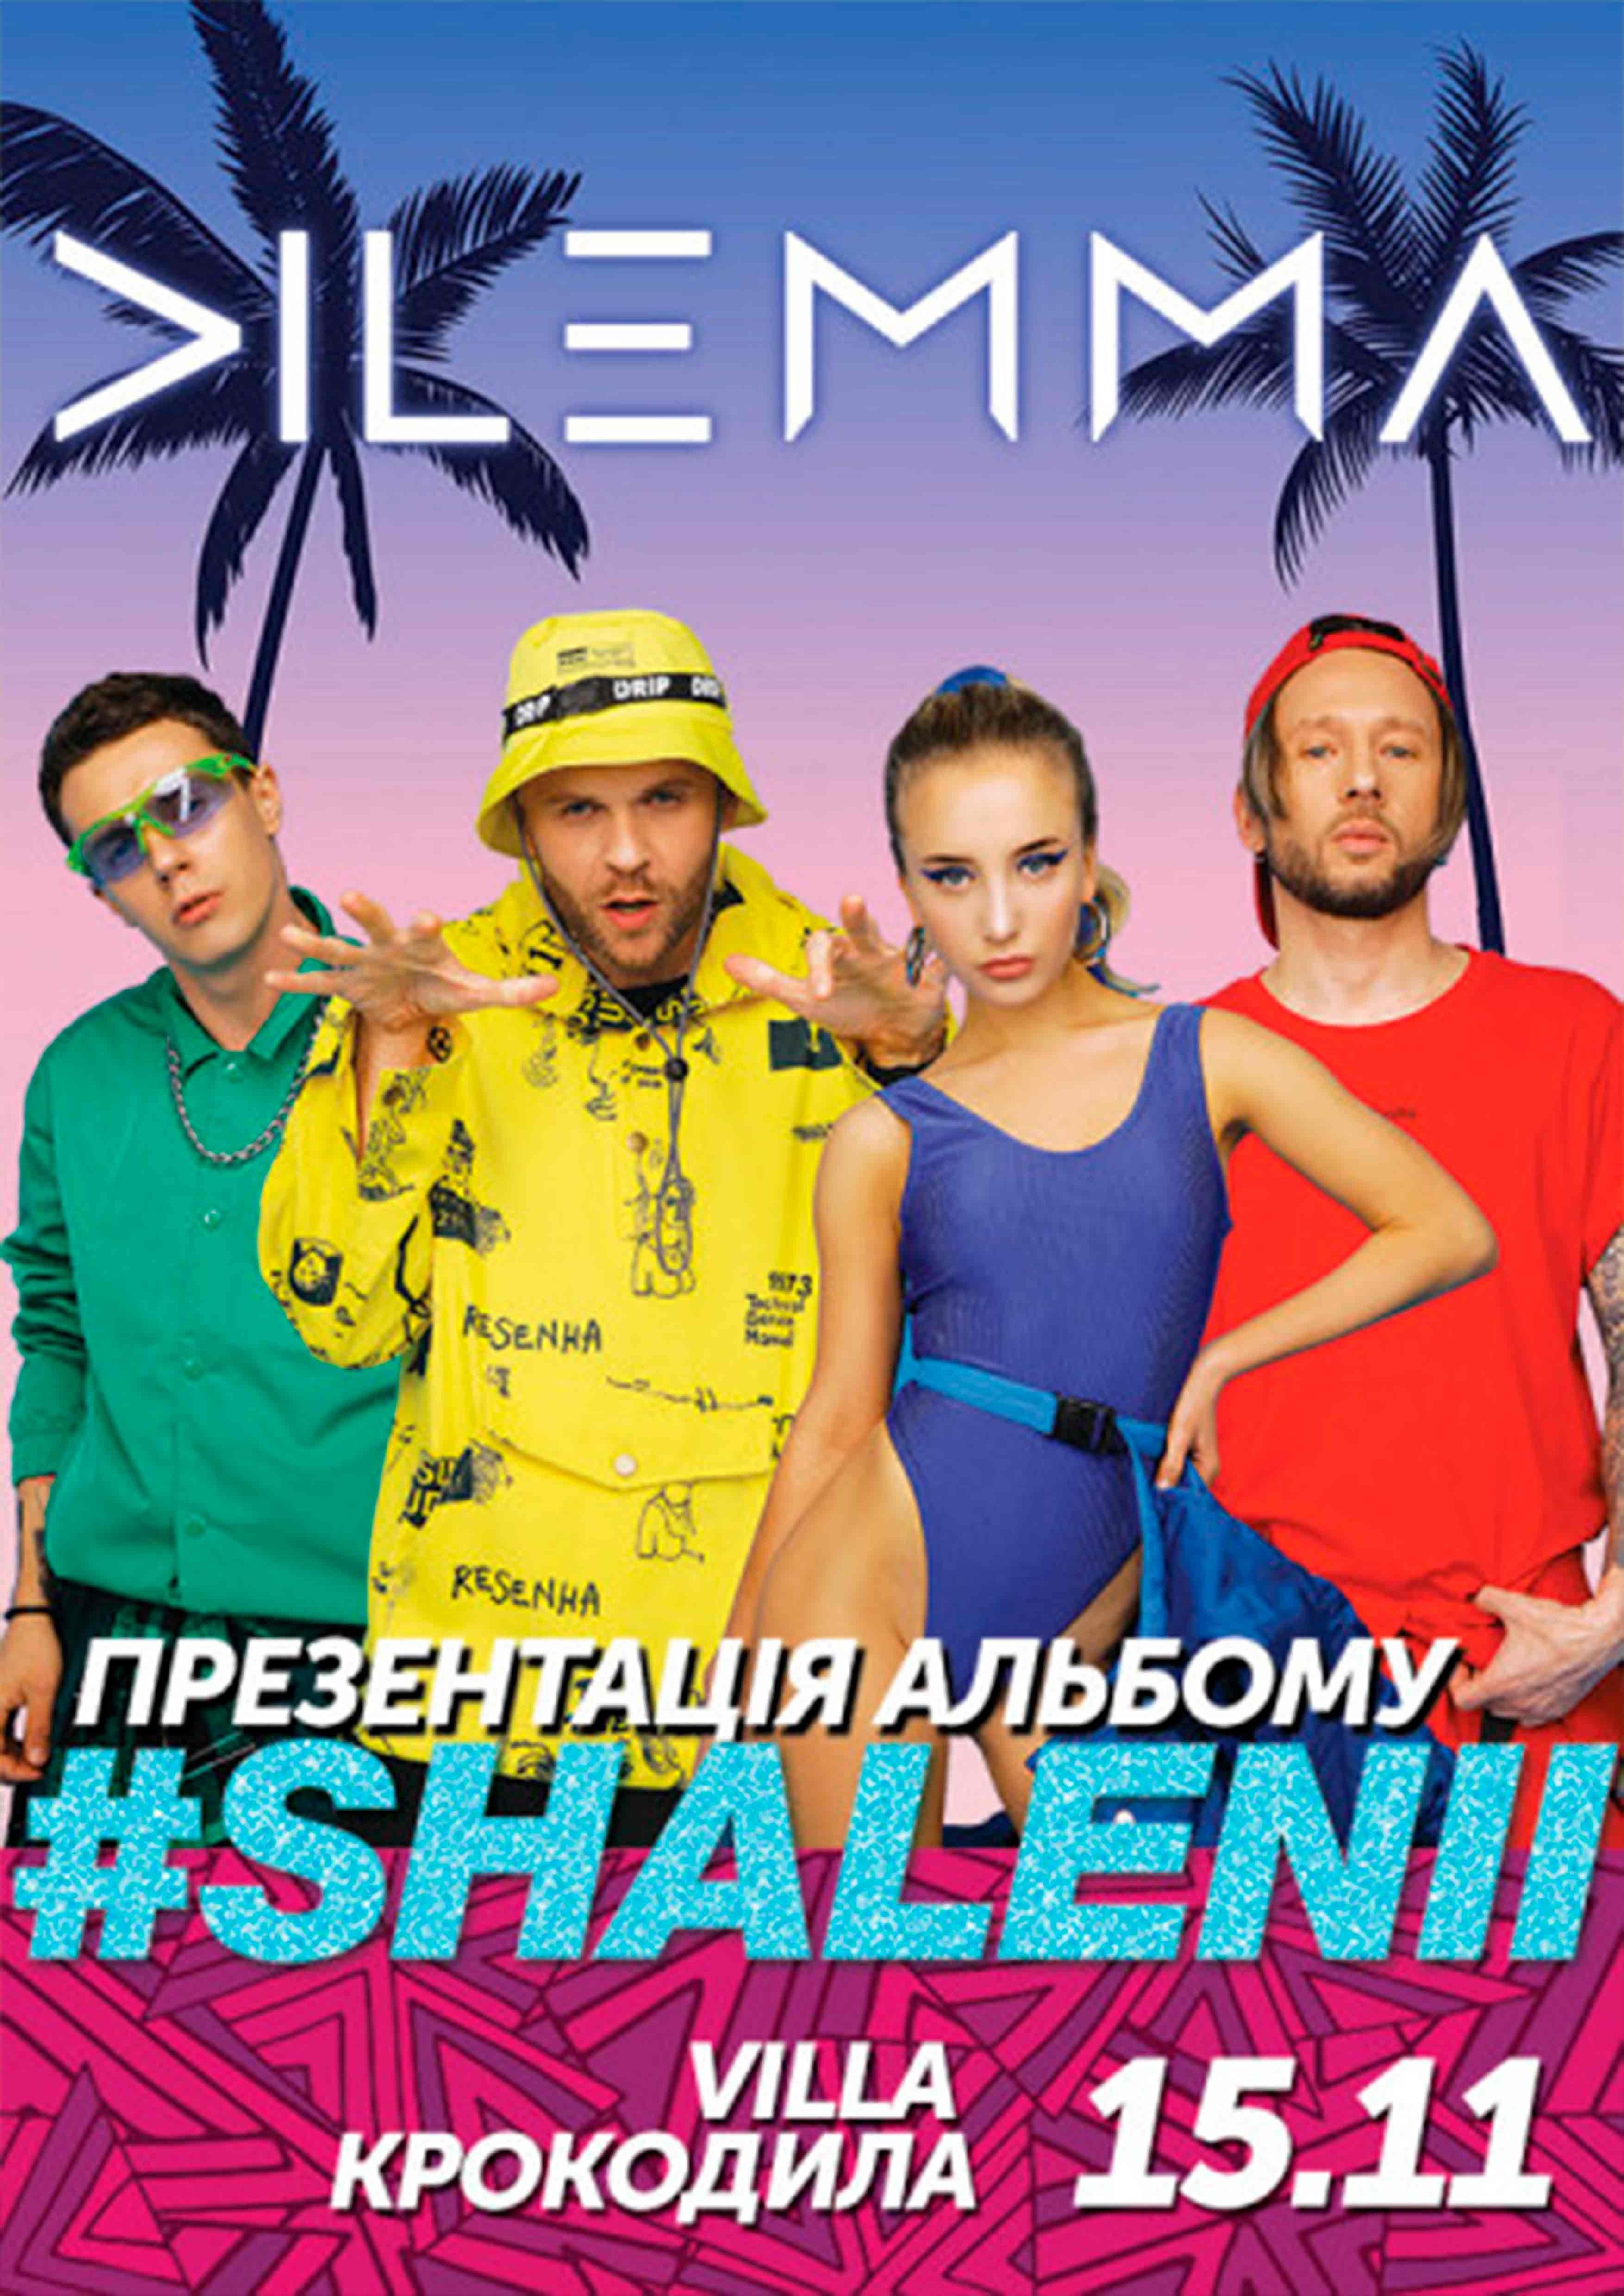 Билеты Dilemma  #Shalenii